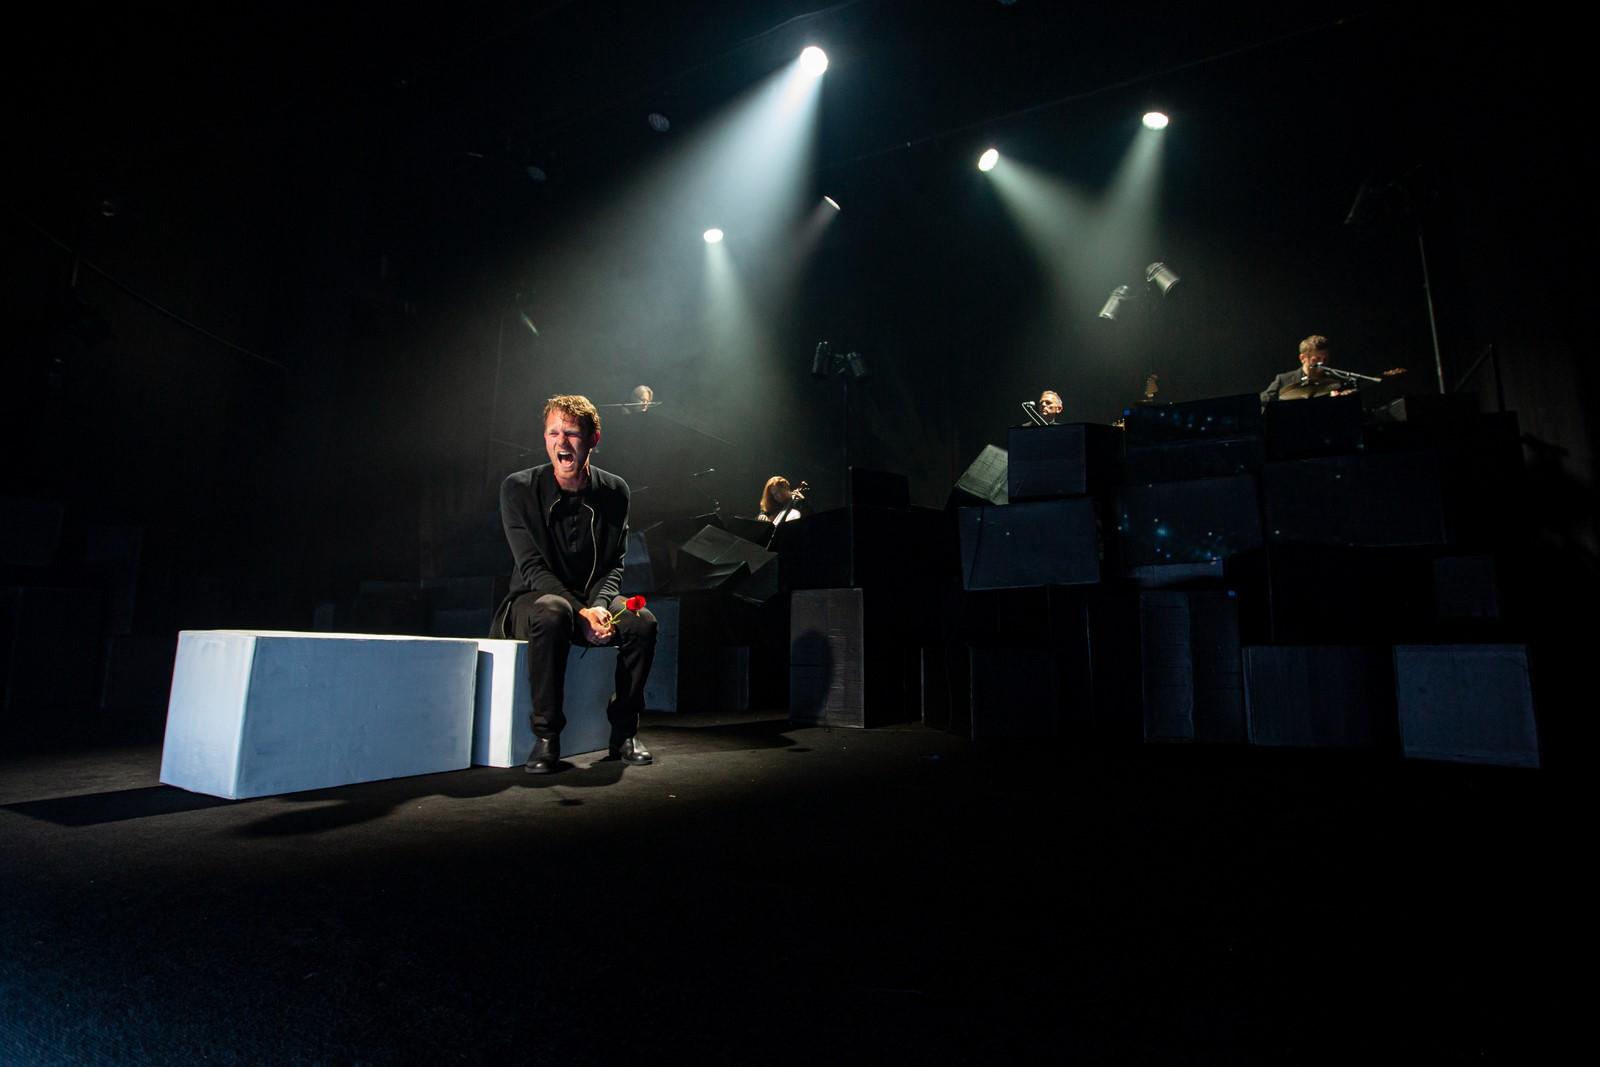 Anmeldelse (re-anmeldelse): Troen og Ingen, Folketeatret (Teatret Svalegangen)